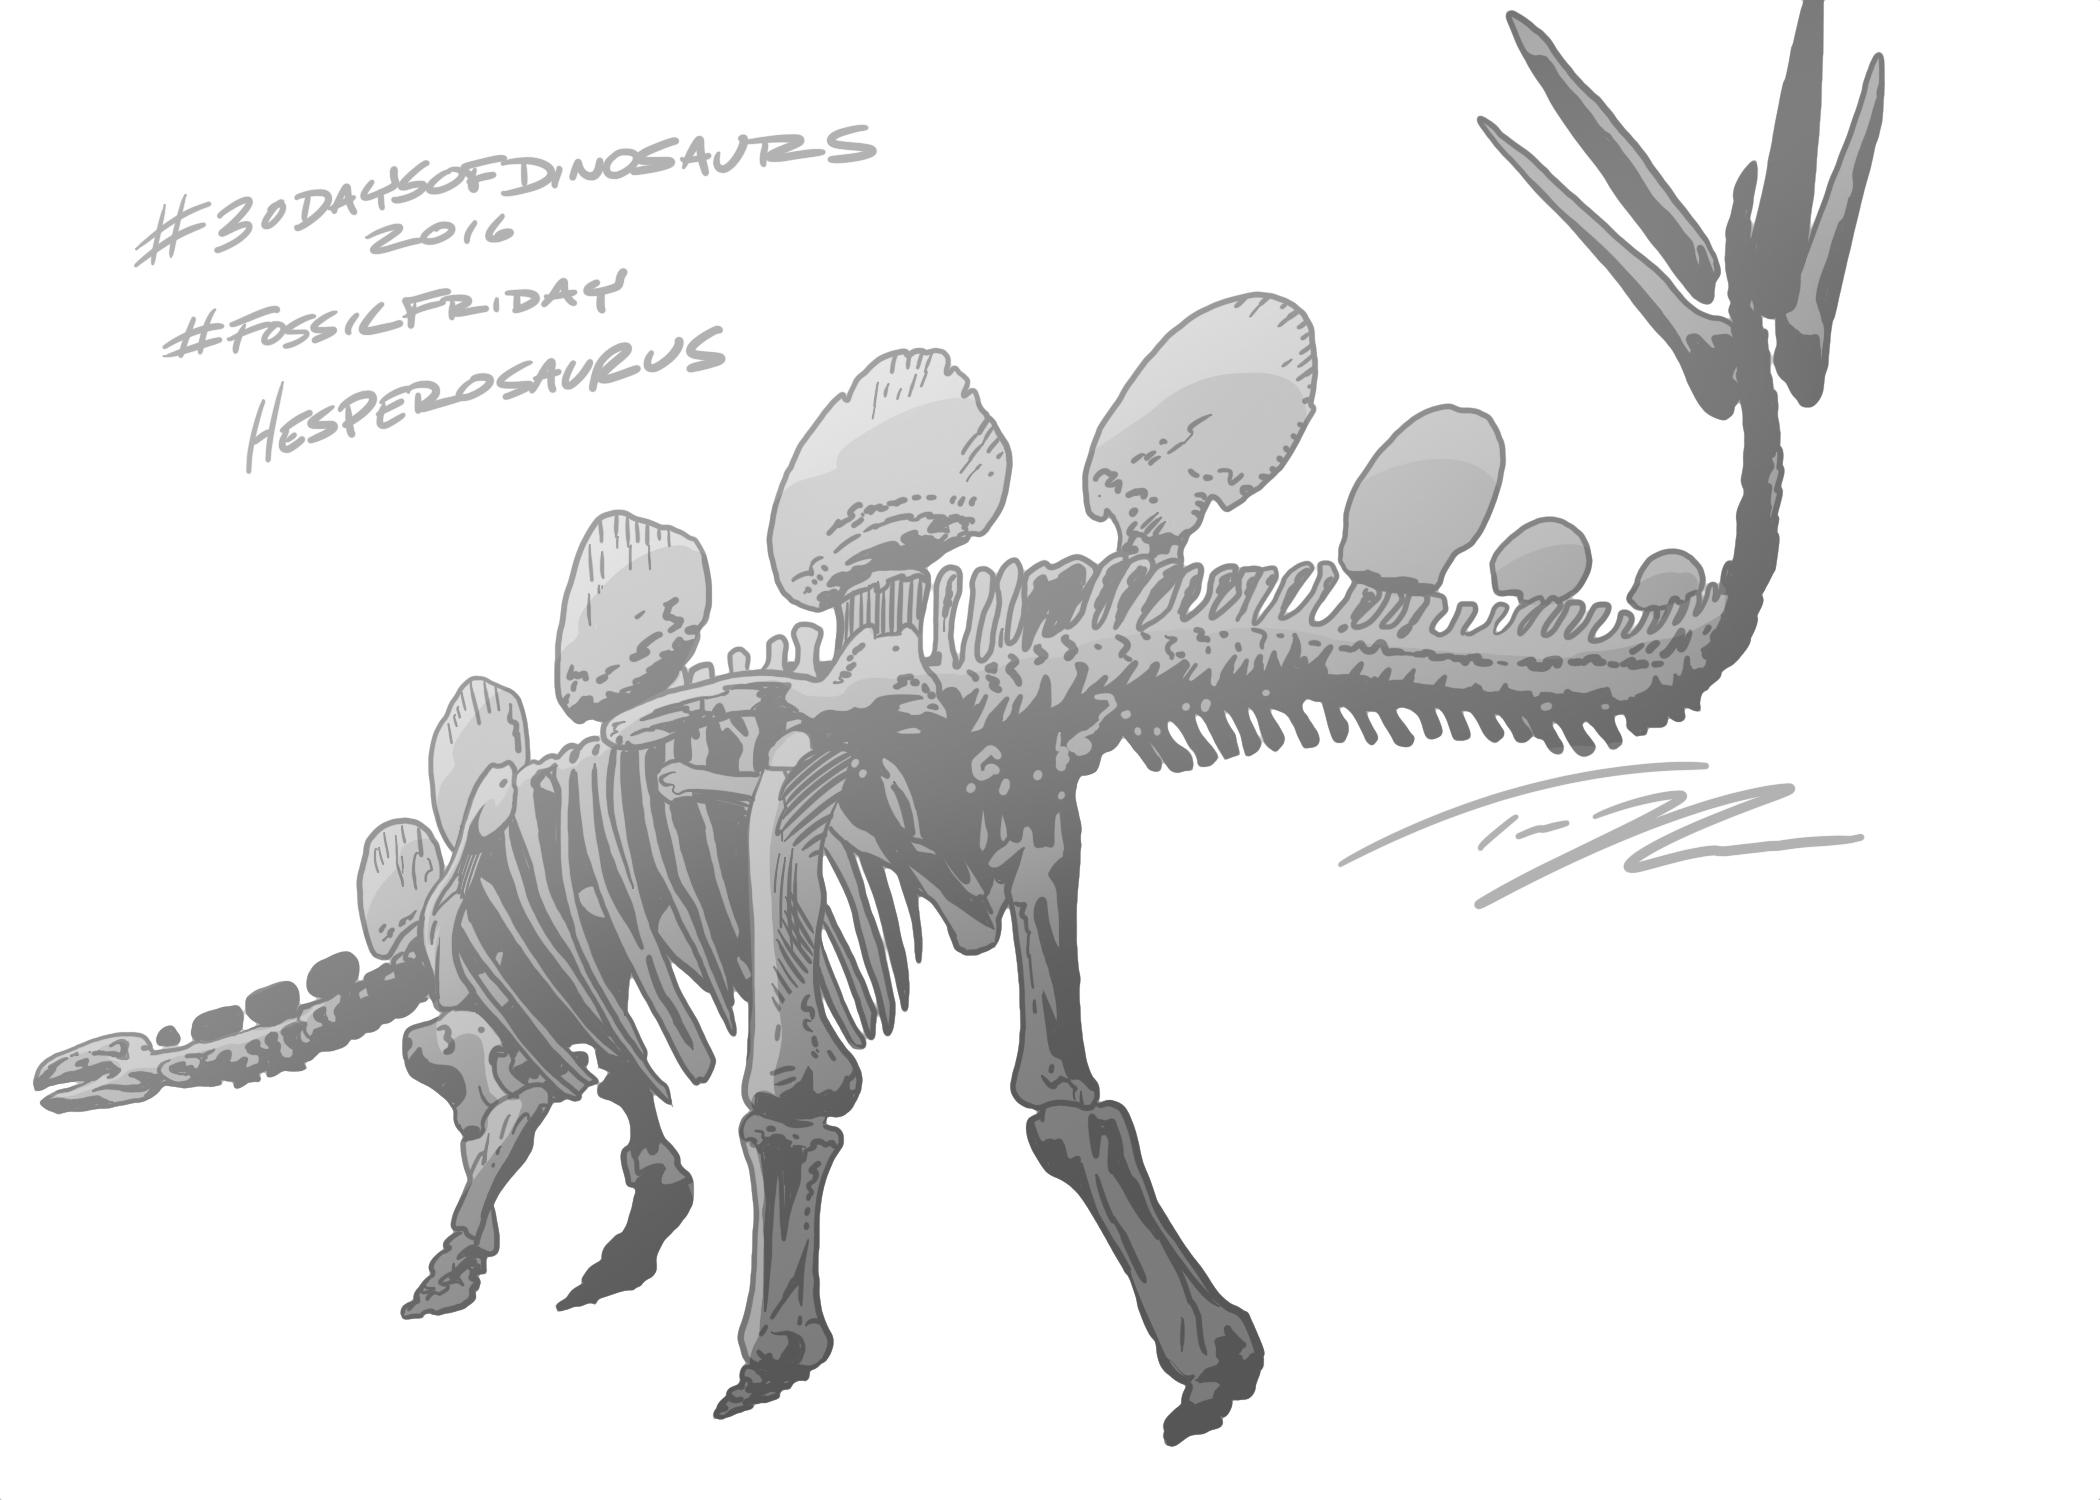 HesperosaurusTedRechlin